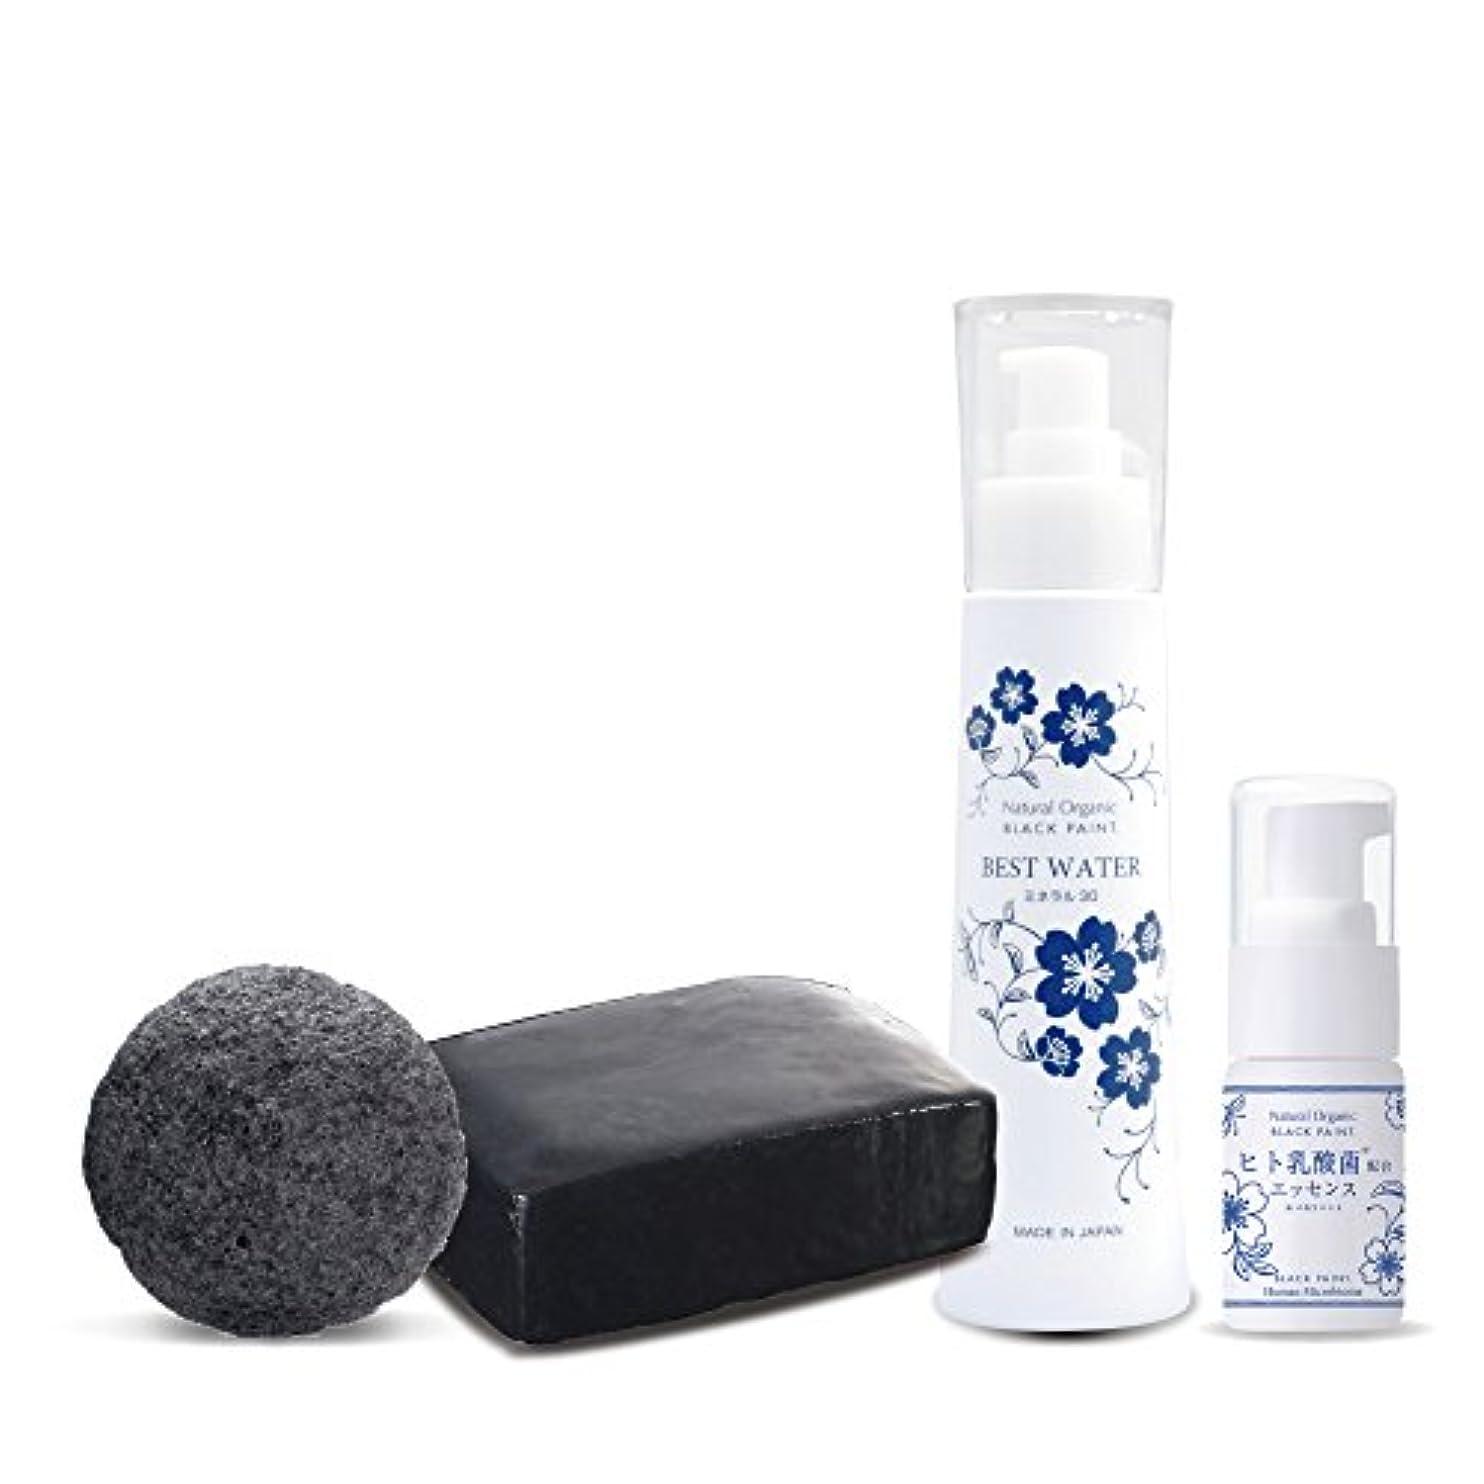 有利ユニークな祈るヒト乳酸菌エッセンス10ml&ブラックペイント60g&ブラックスポンジミニ&ベストウォーター100ml 洗顔セット